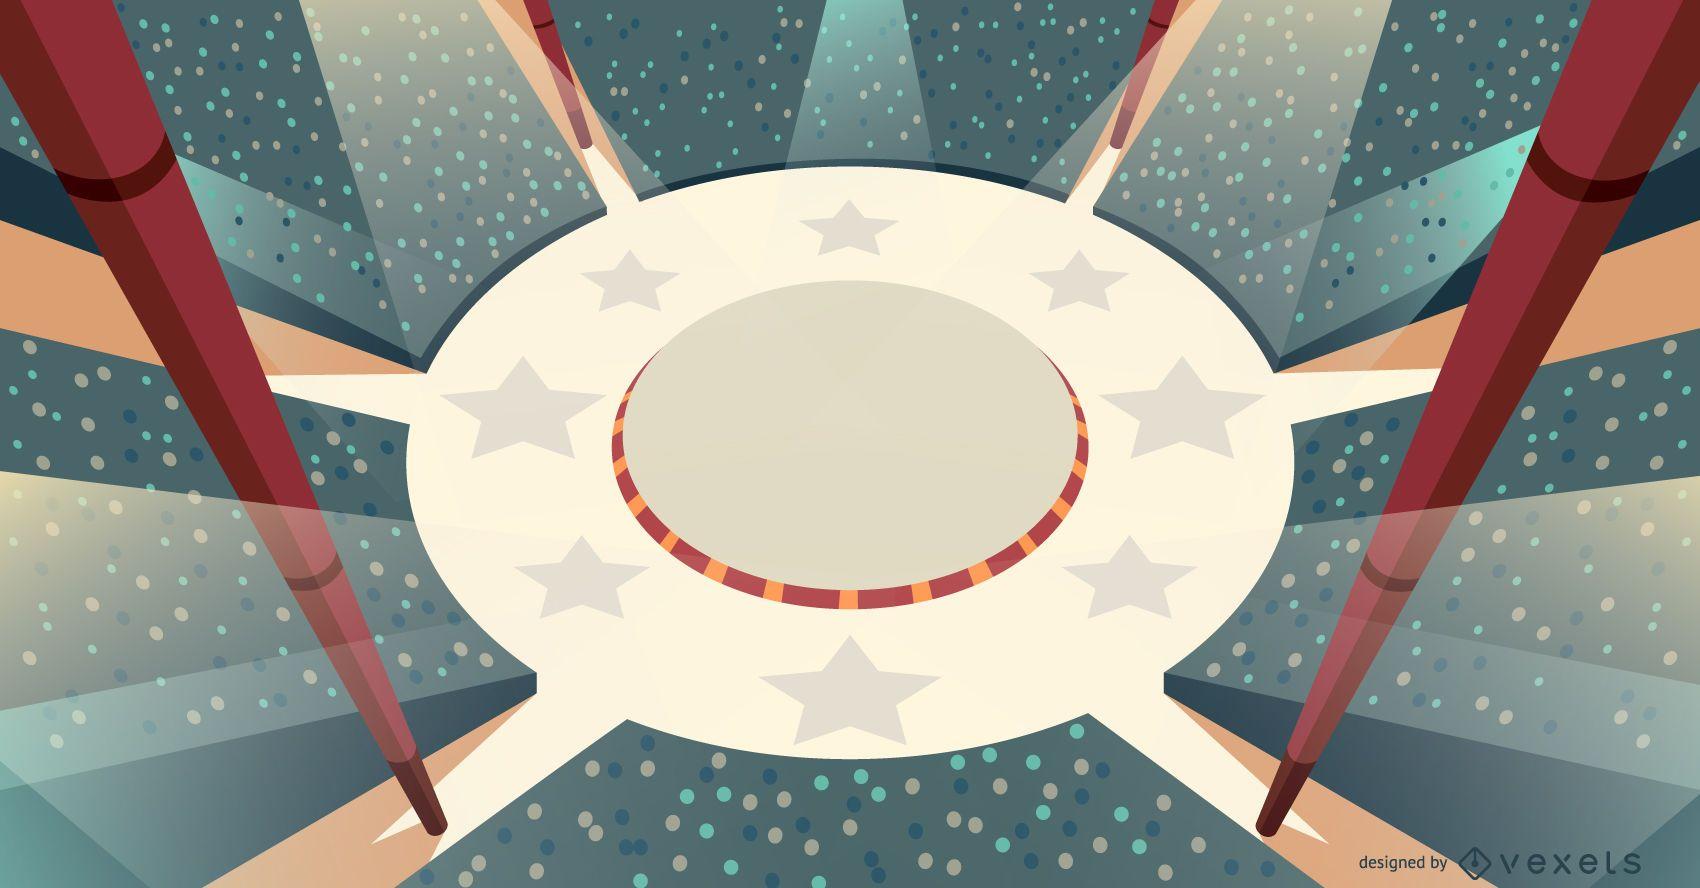 Diseño de ilustración de escenario de circo